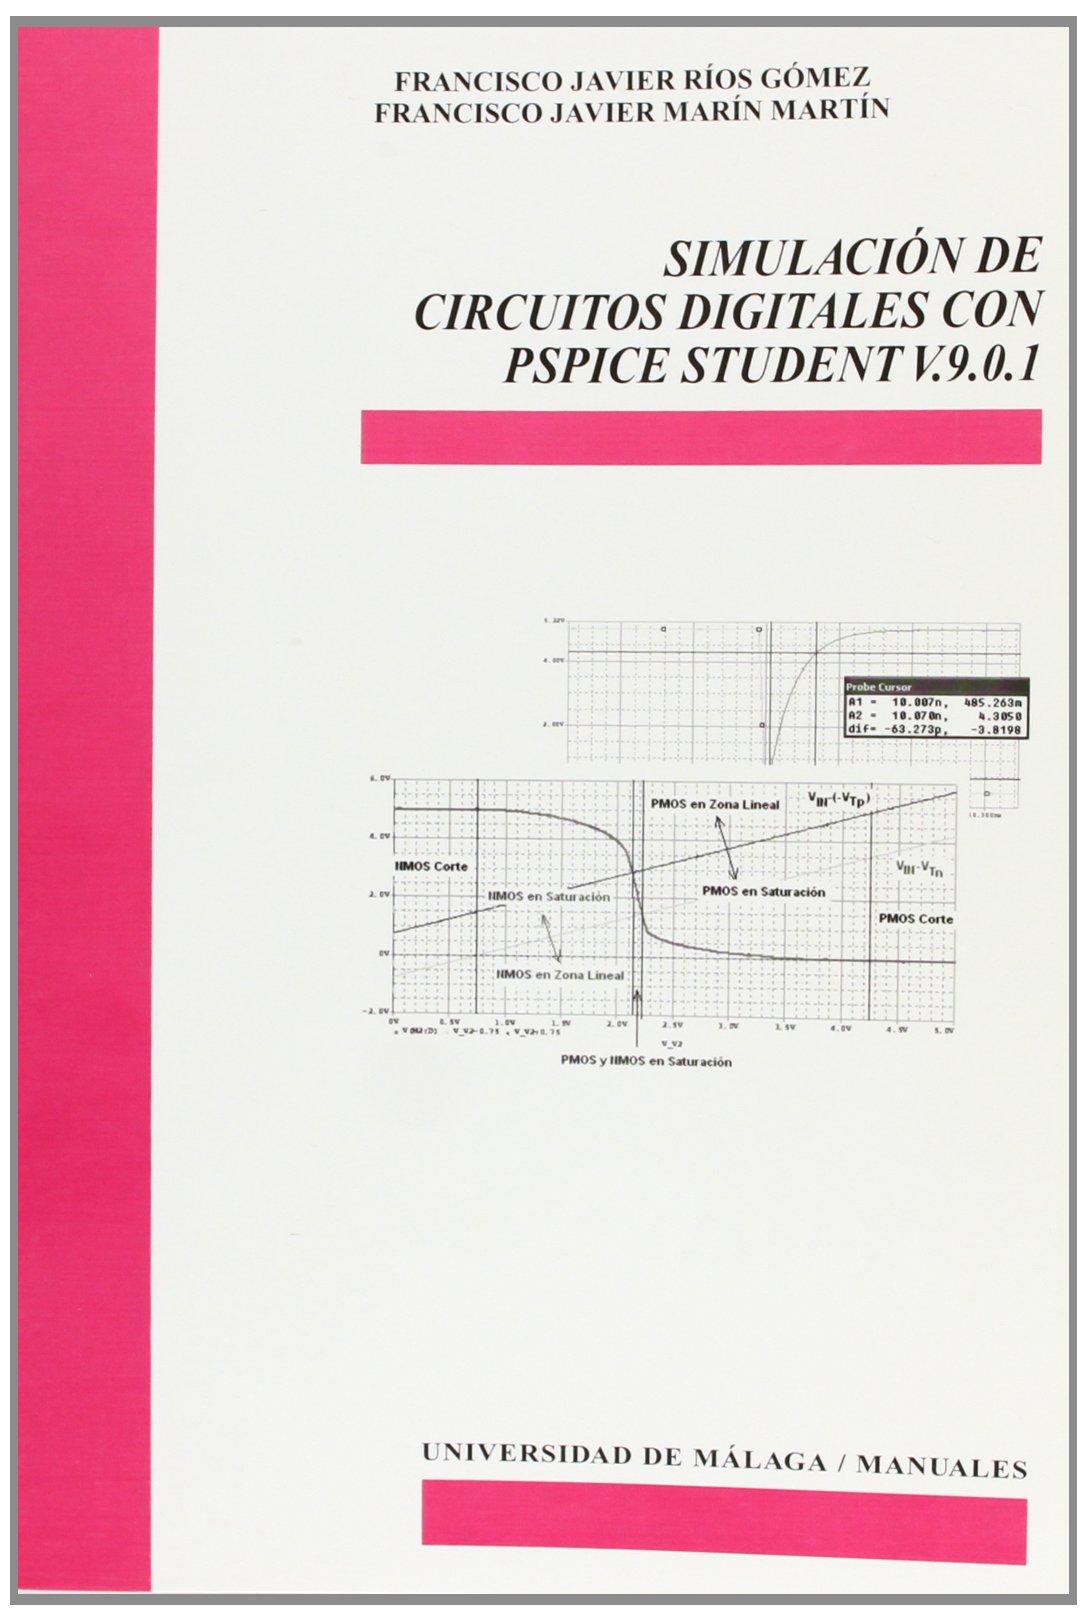 Circuito Lineal : Simulacion de circuitos digitales con pspice student v